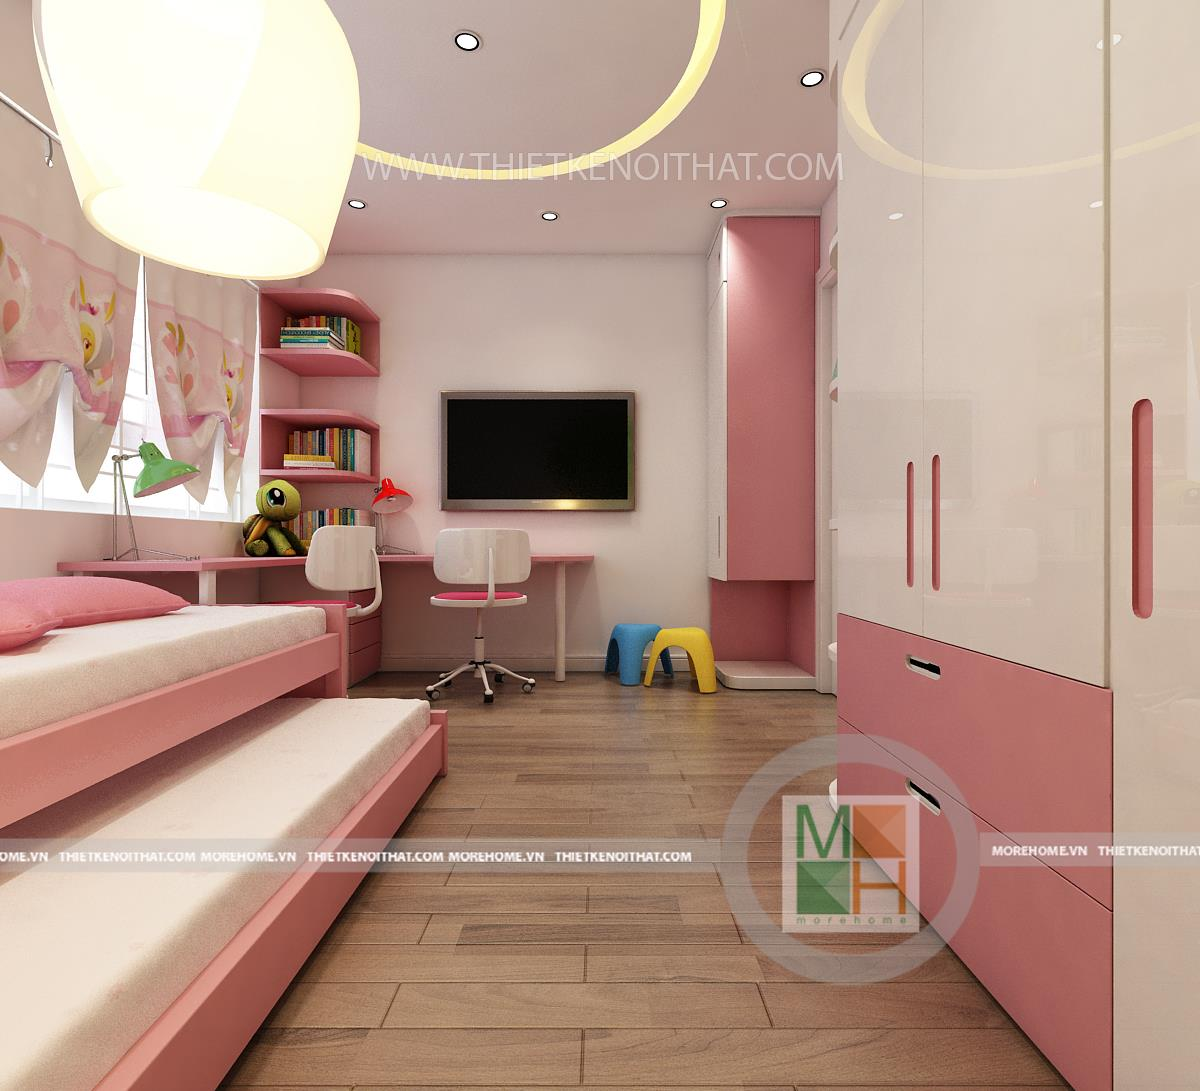 Thiết kế chung cư Hapulico theo phong cách hiện đại